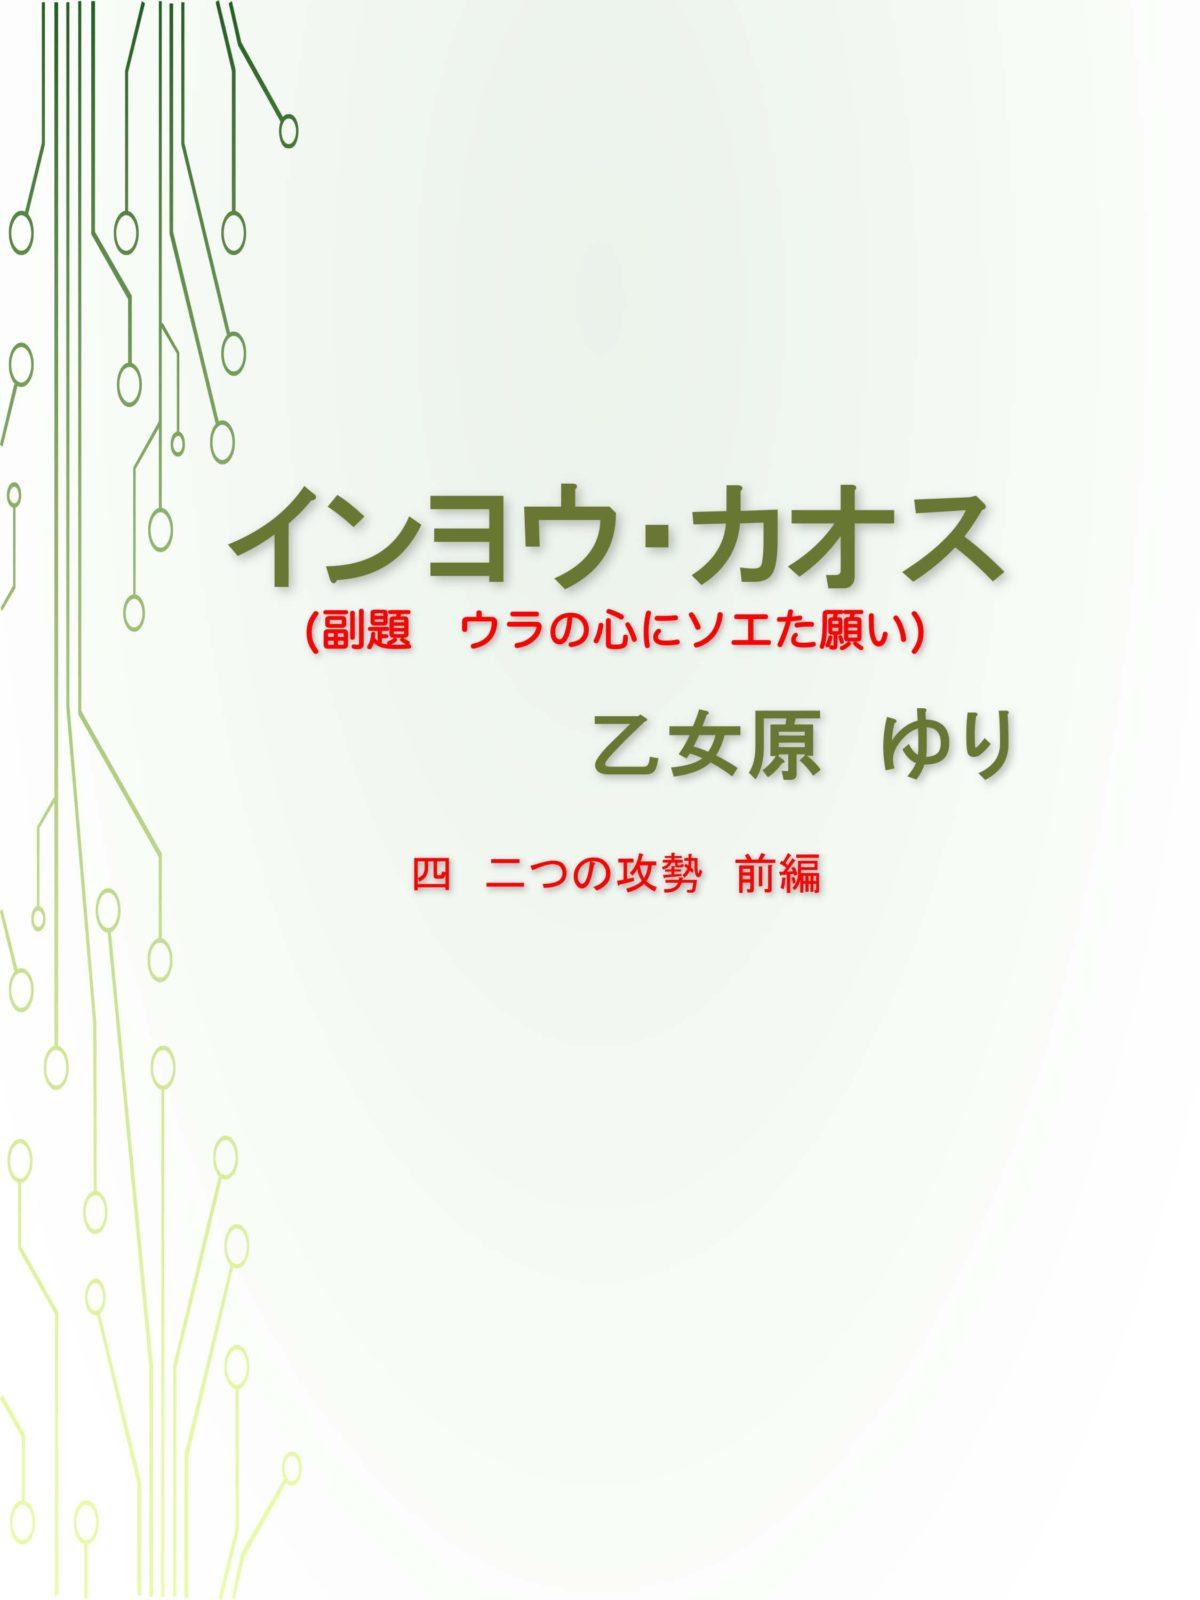 インヨウ・カオス (副題 ウラの心にソエた願い)     四 二つの攻勢 前編